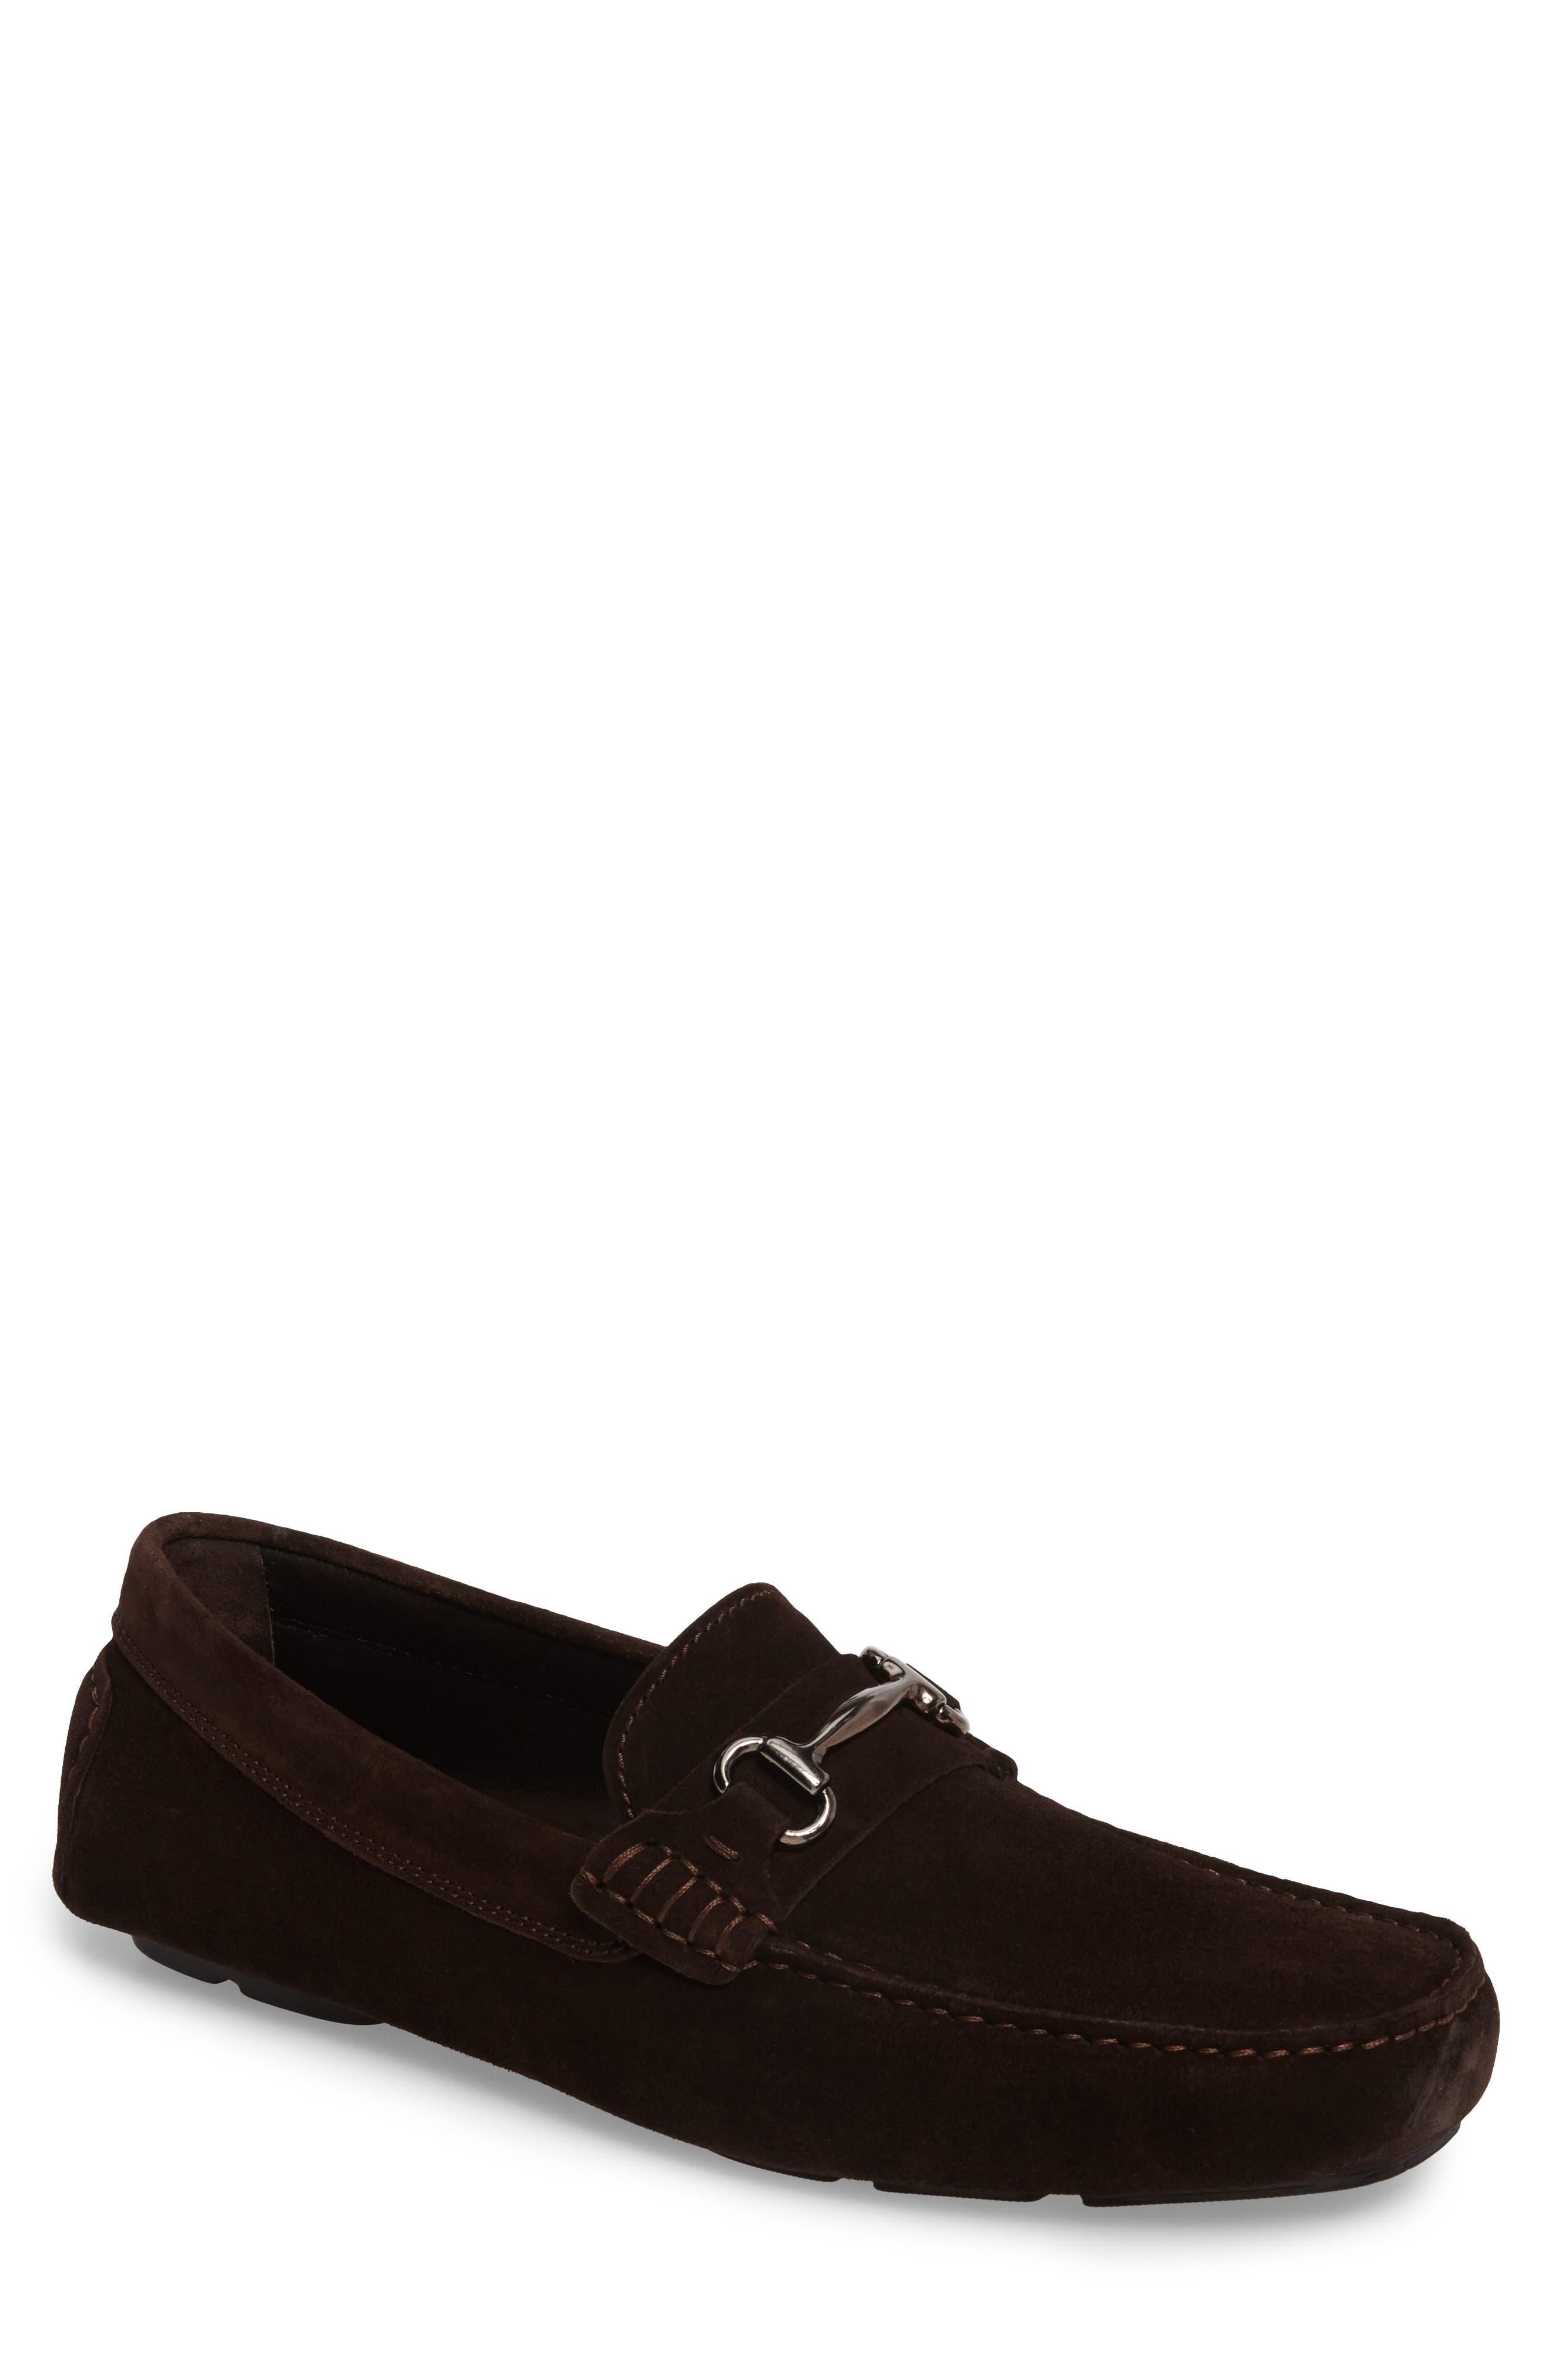 Del Amo Driving Shoe,                         Main,                         color, PEPE